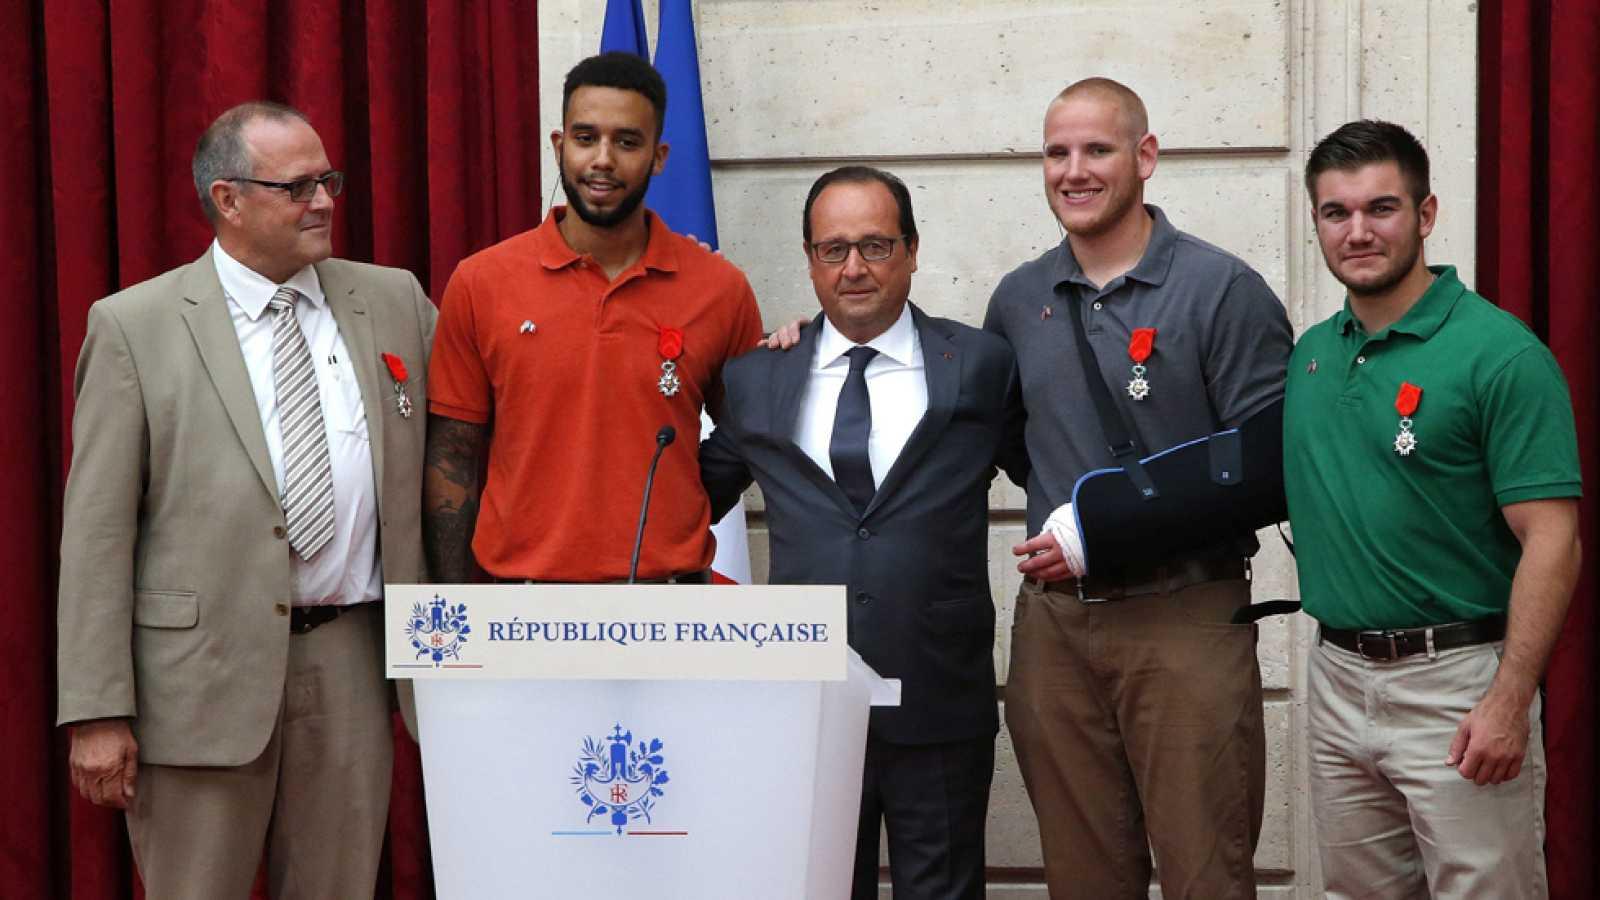 Hollande condecora con la legión de honor a los héroes del tren Thalys